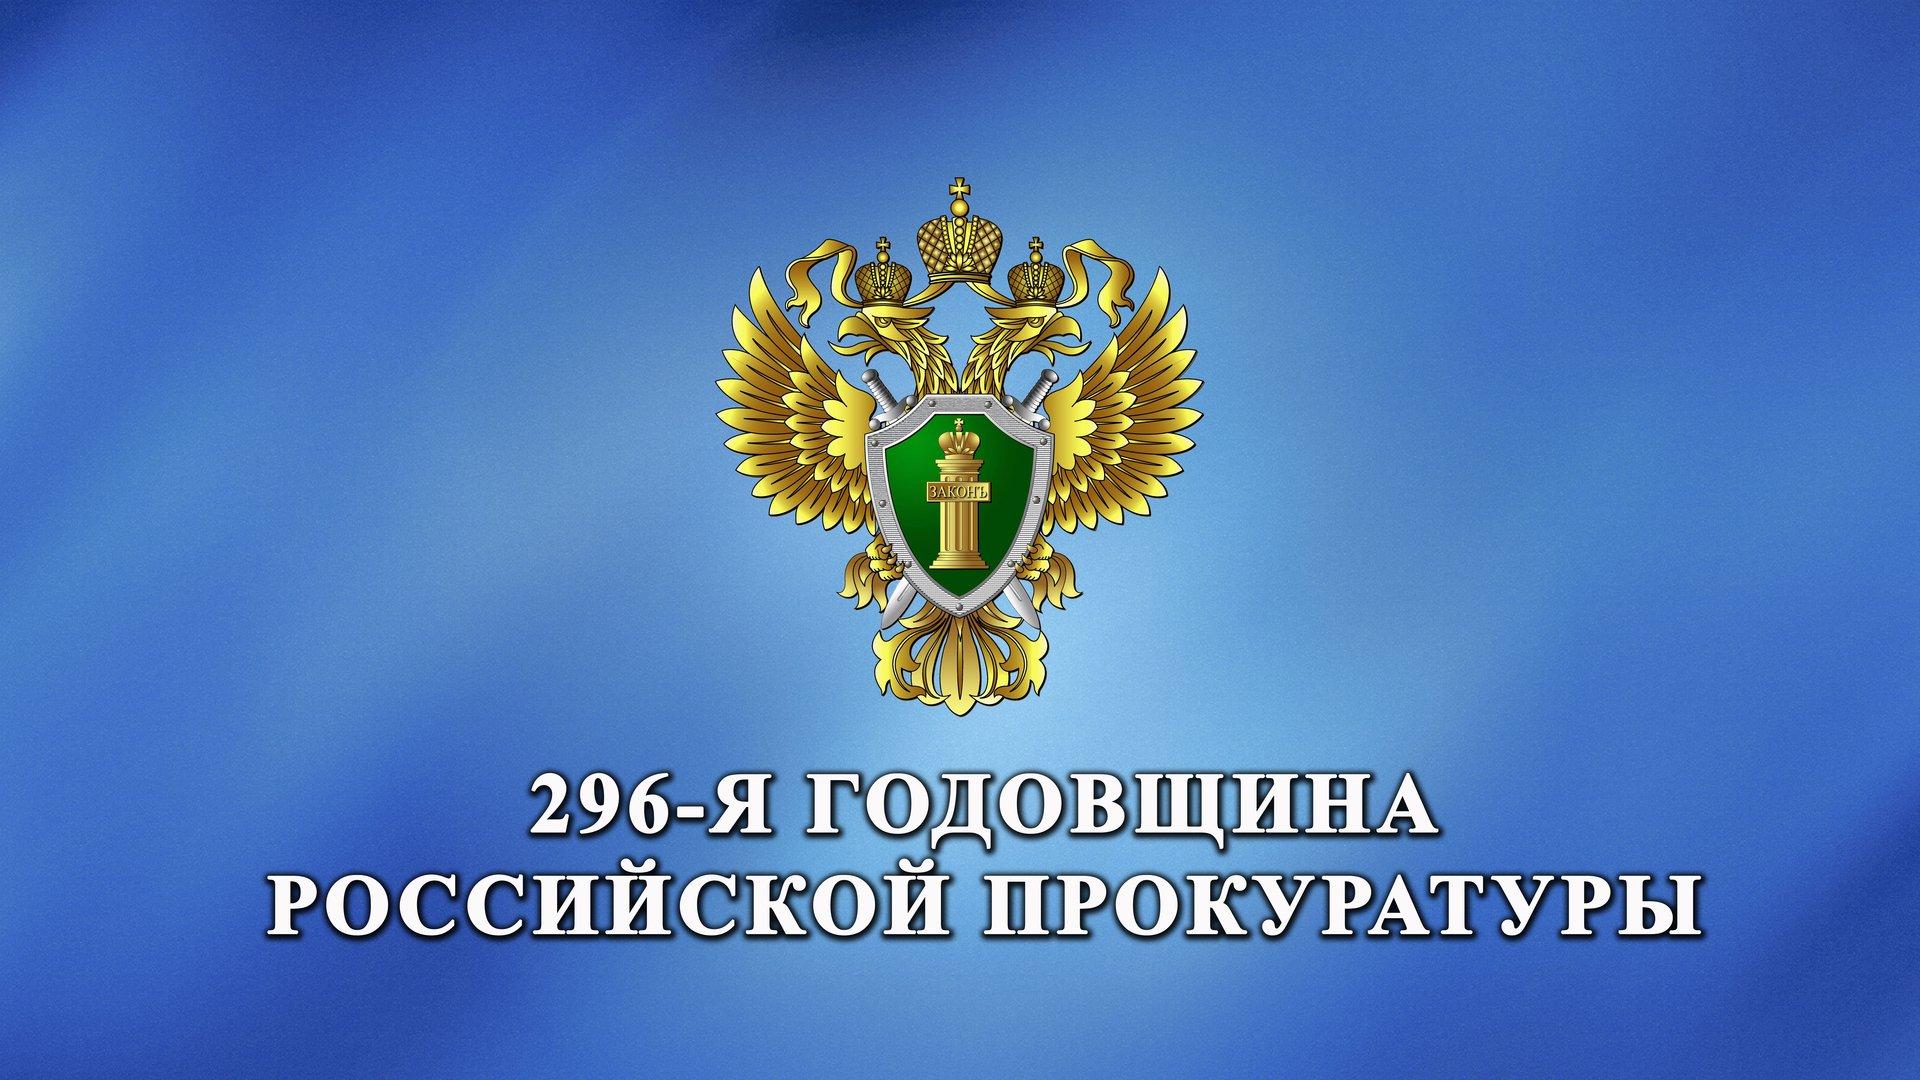 летом поздравление с годовщиной прокуратуры признались, что снимок